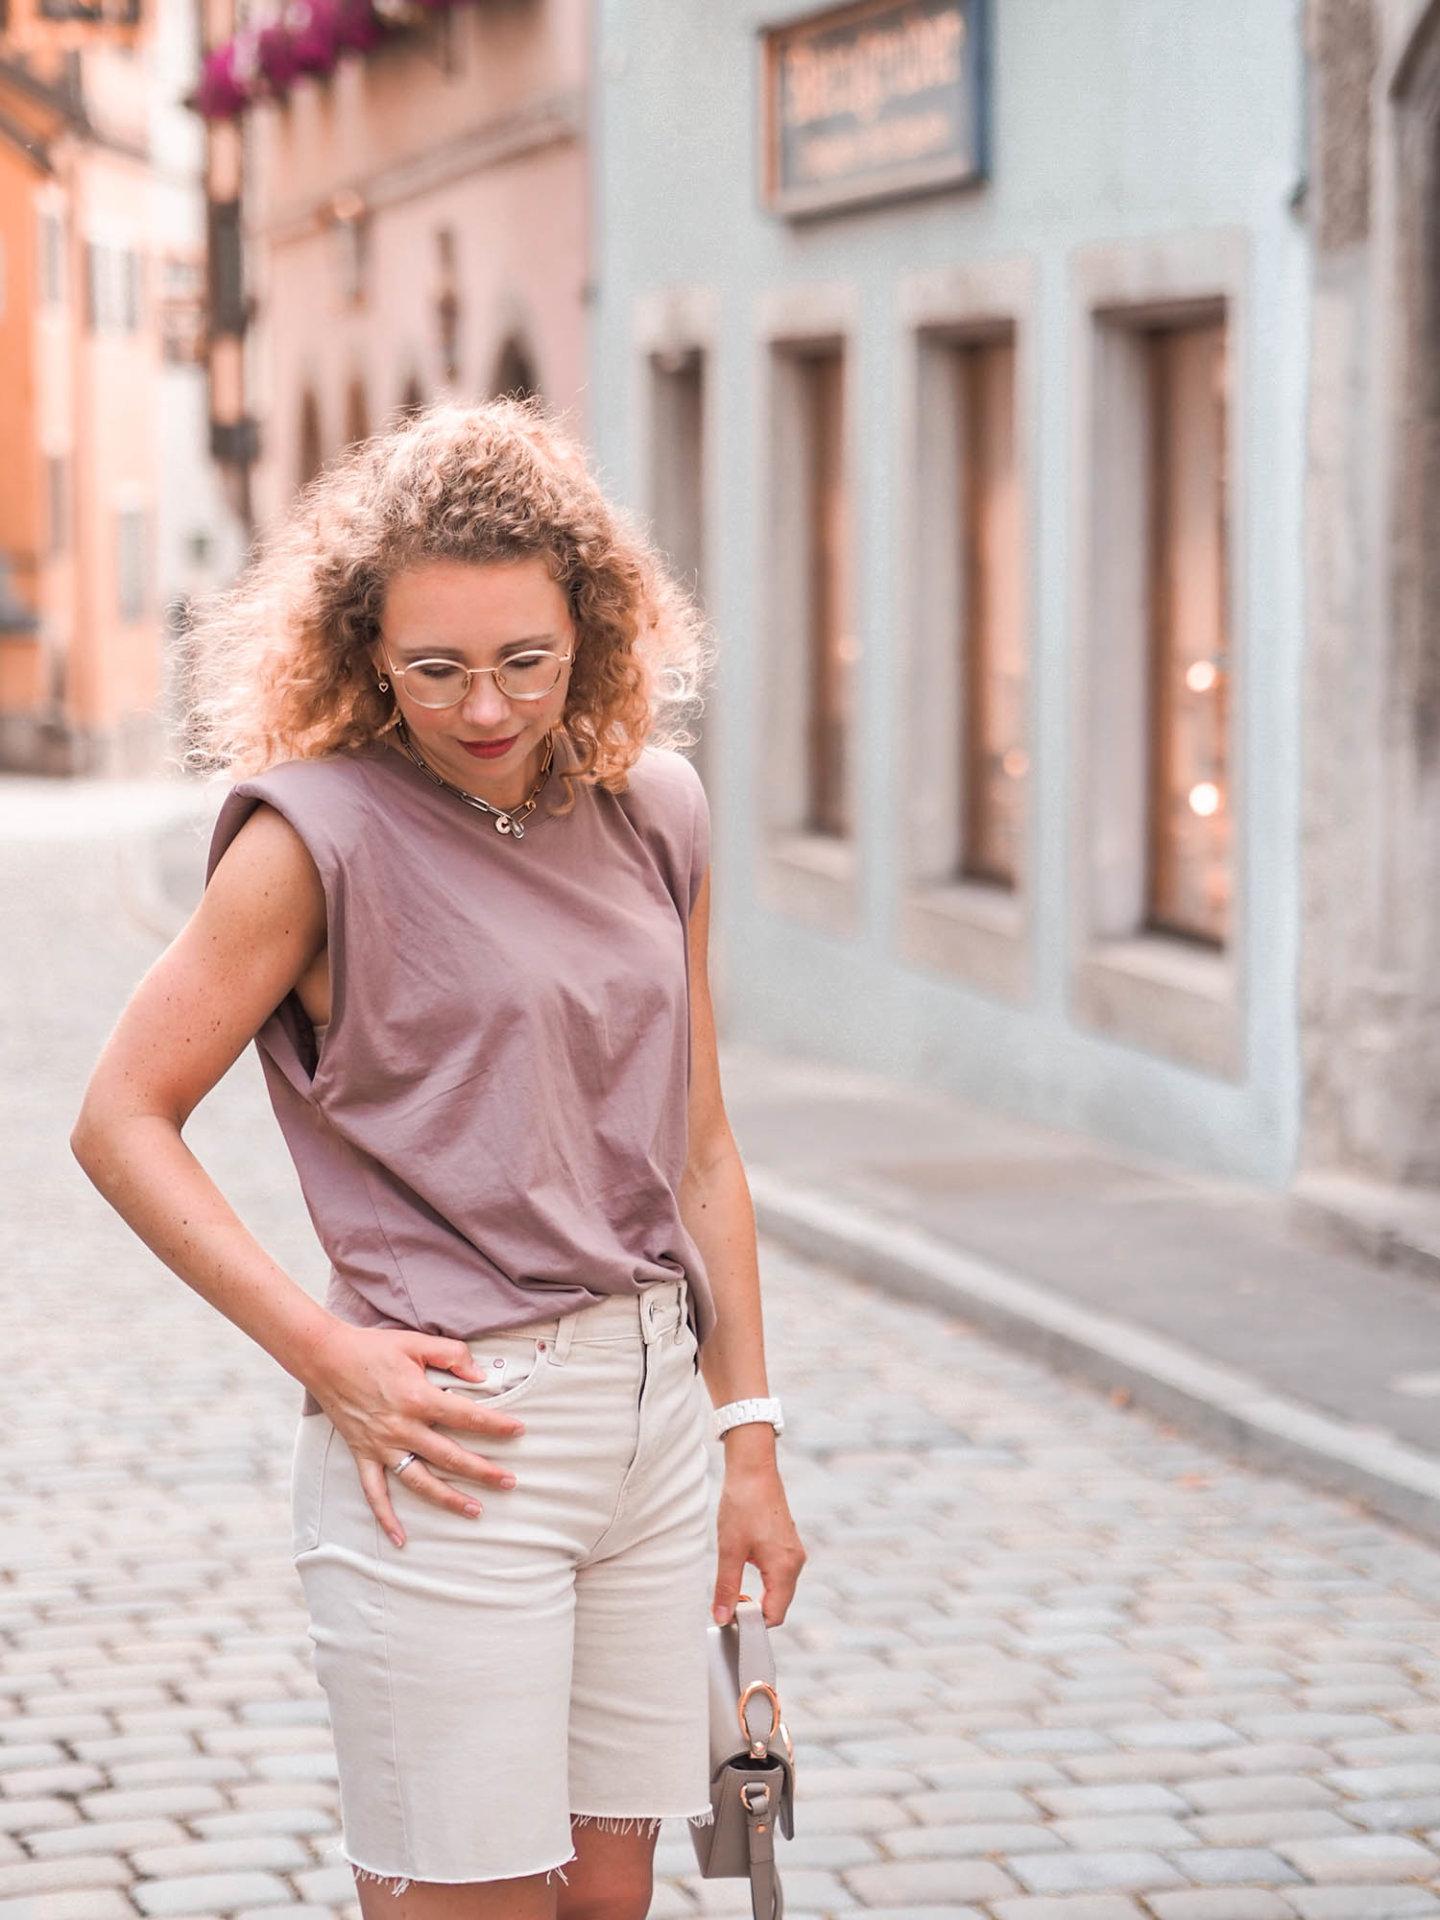 fashion-trends Schulterpolster-Shirt und Erdtöne in einem Outfit